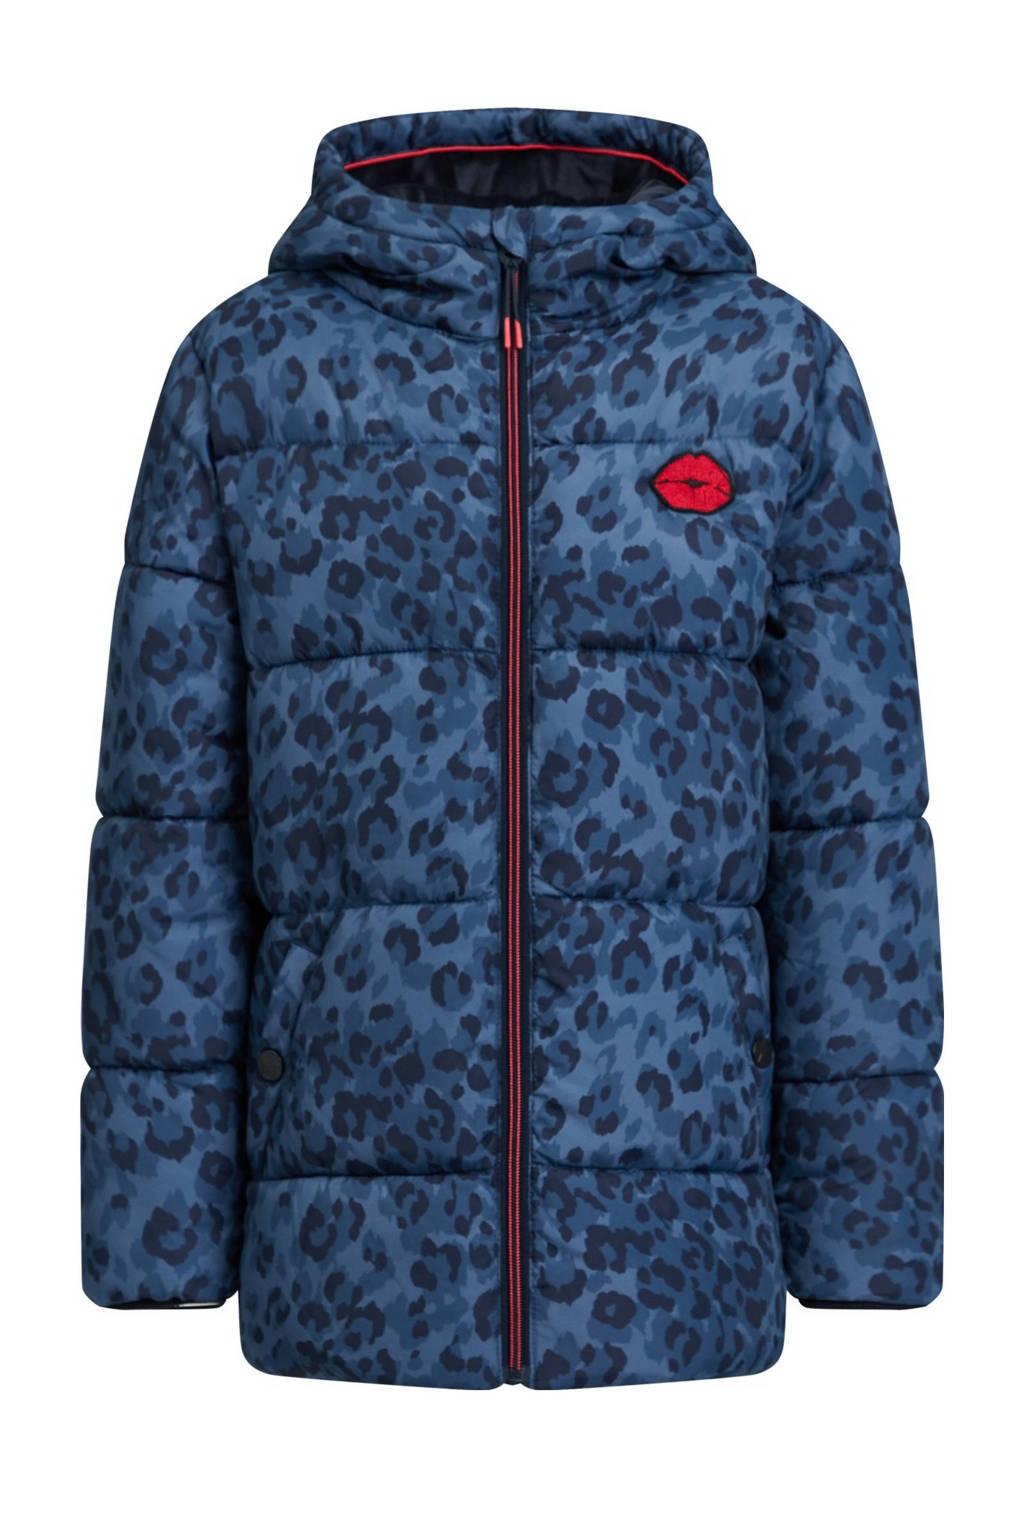 WE Fashion gewatteerde winterjas met panterprint donkerblauw, Donkerblauw